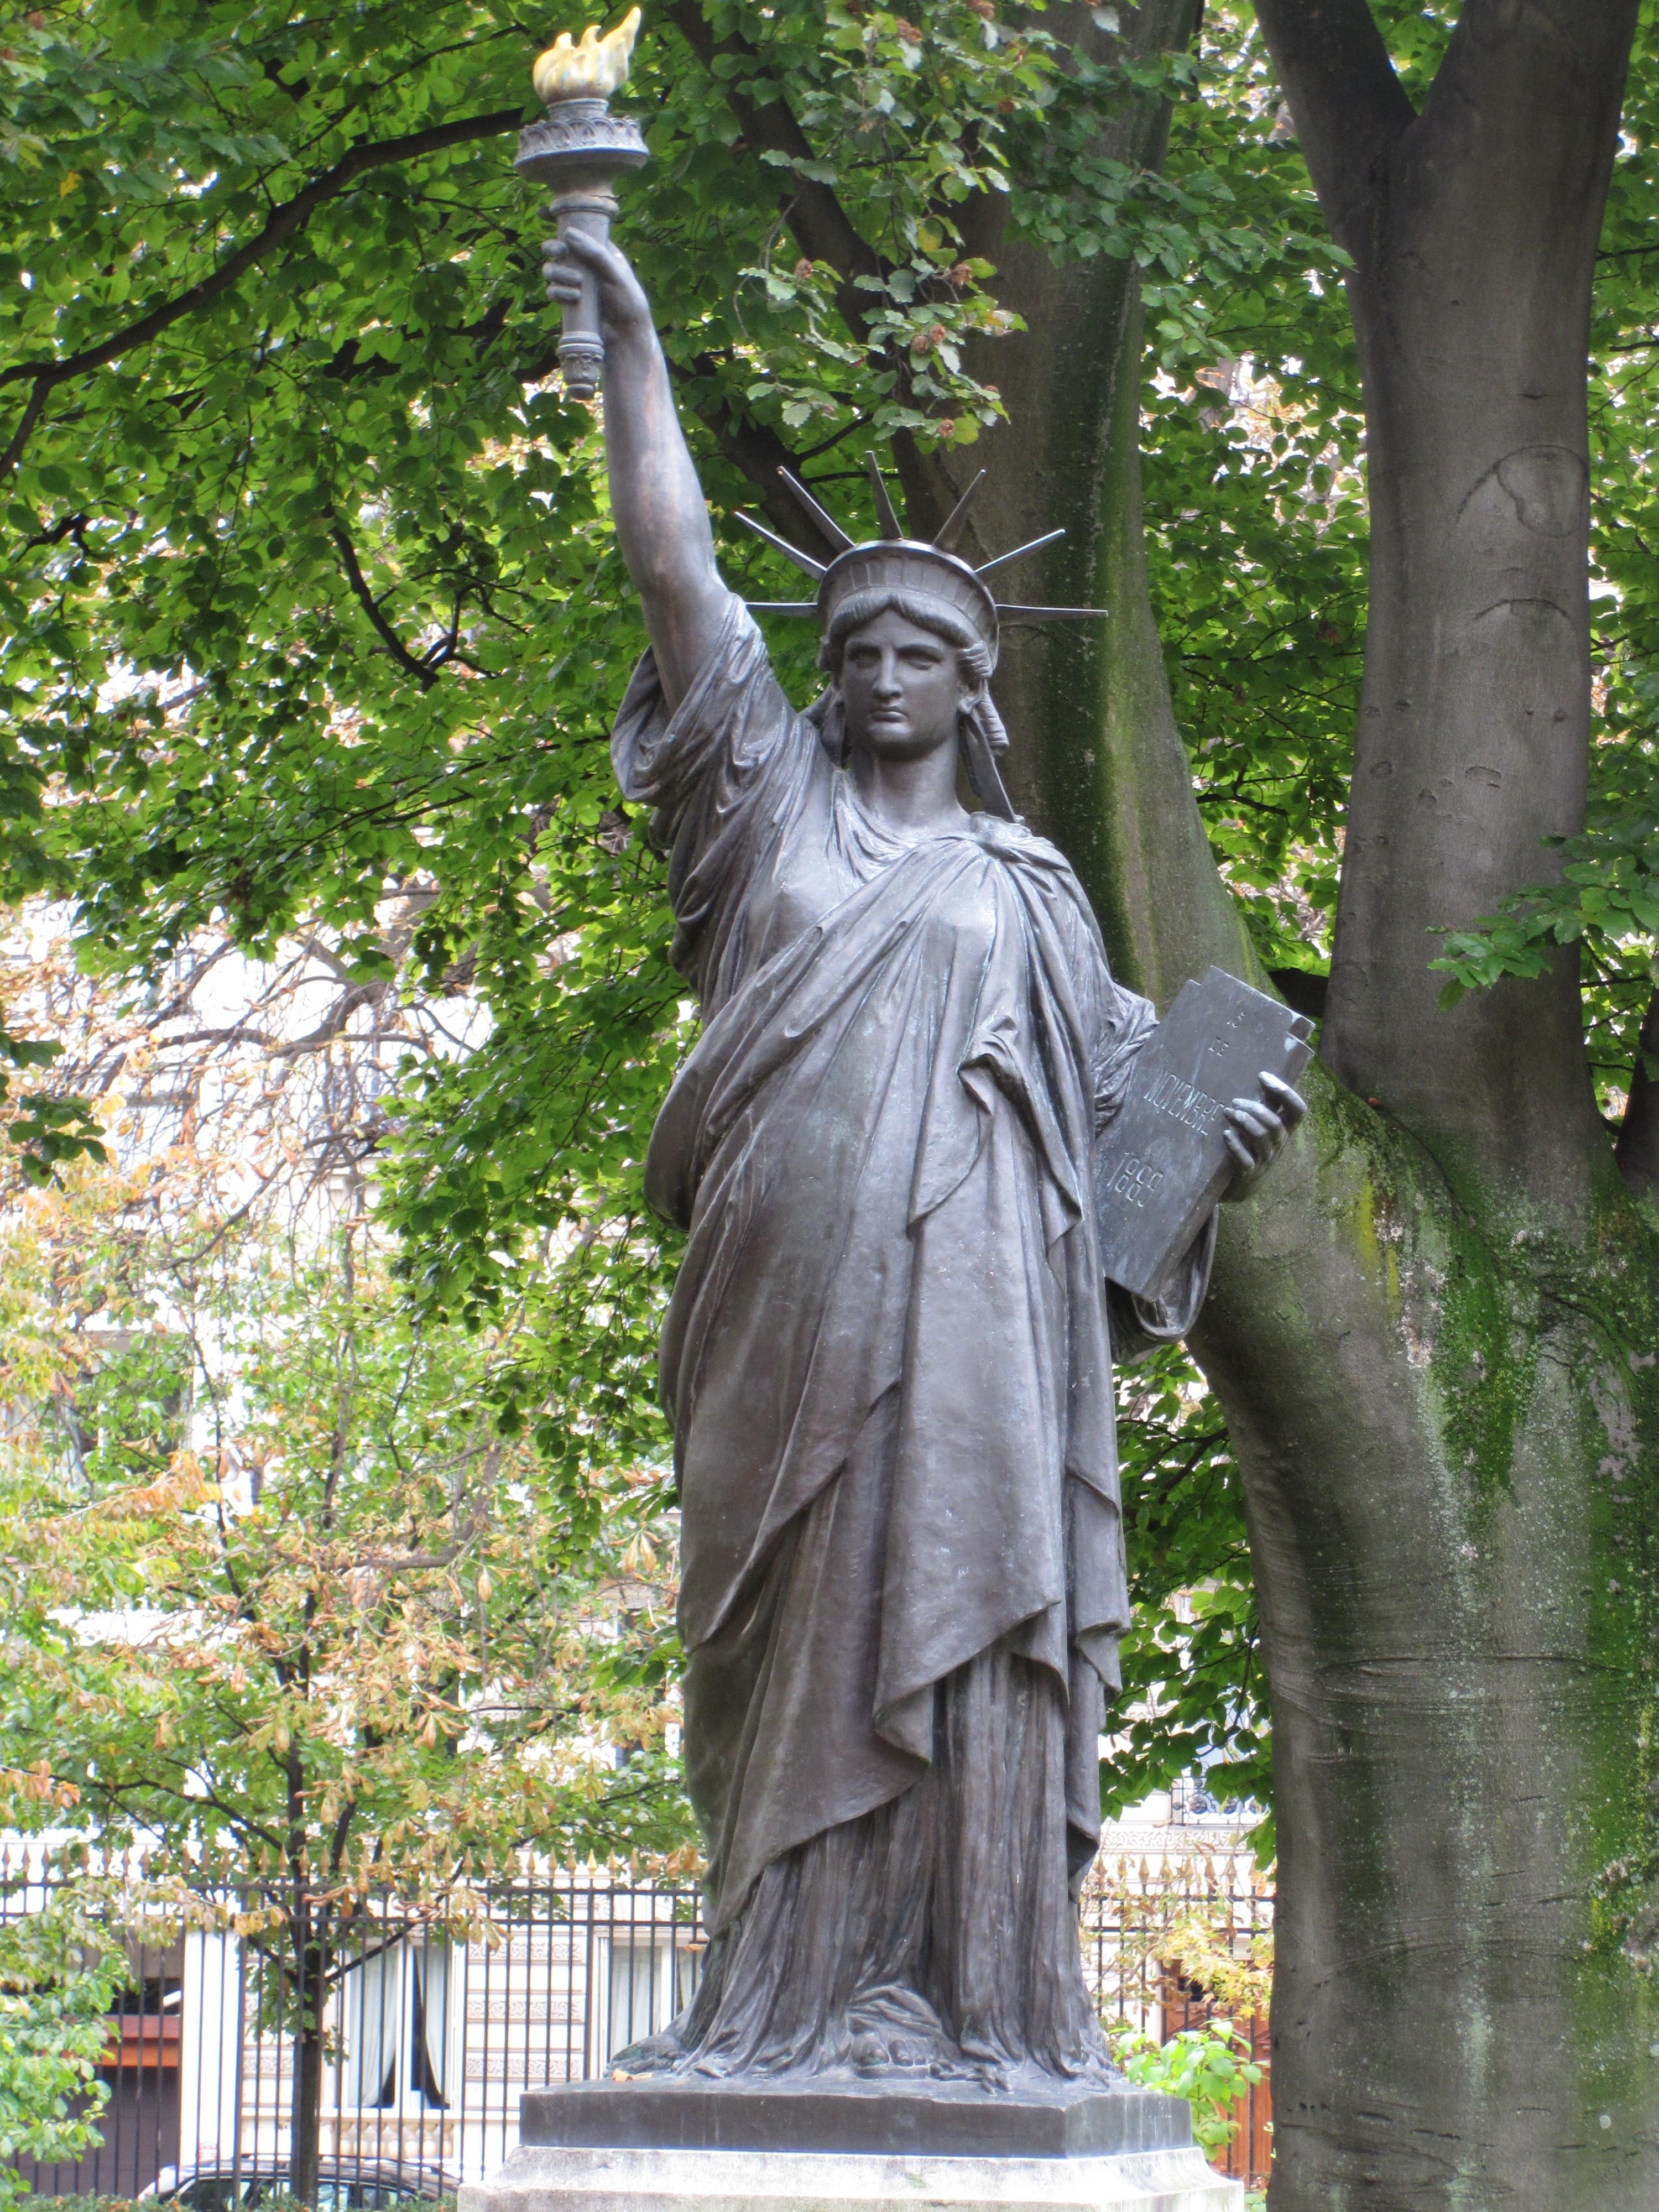 File statue of liberty parisjardinduluxembourg jpg - Jardin du luxembourg statue of liberty ...